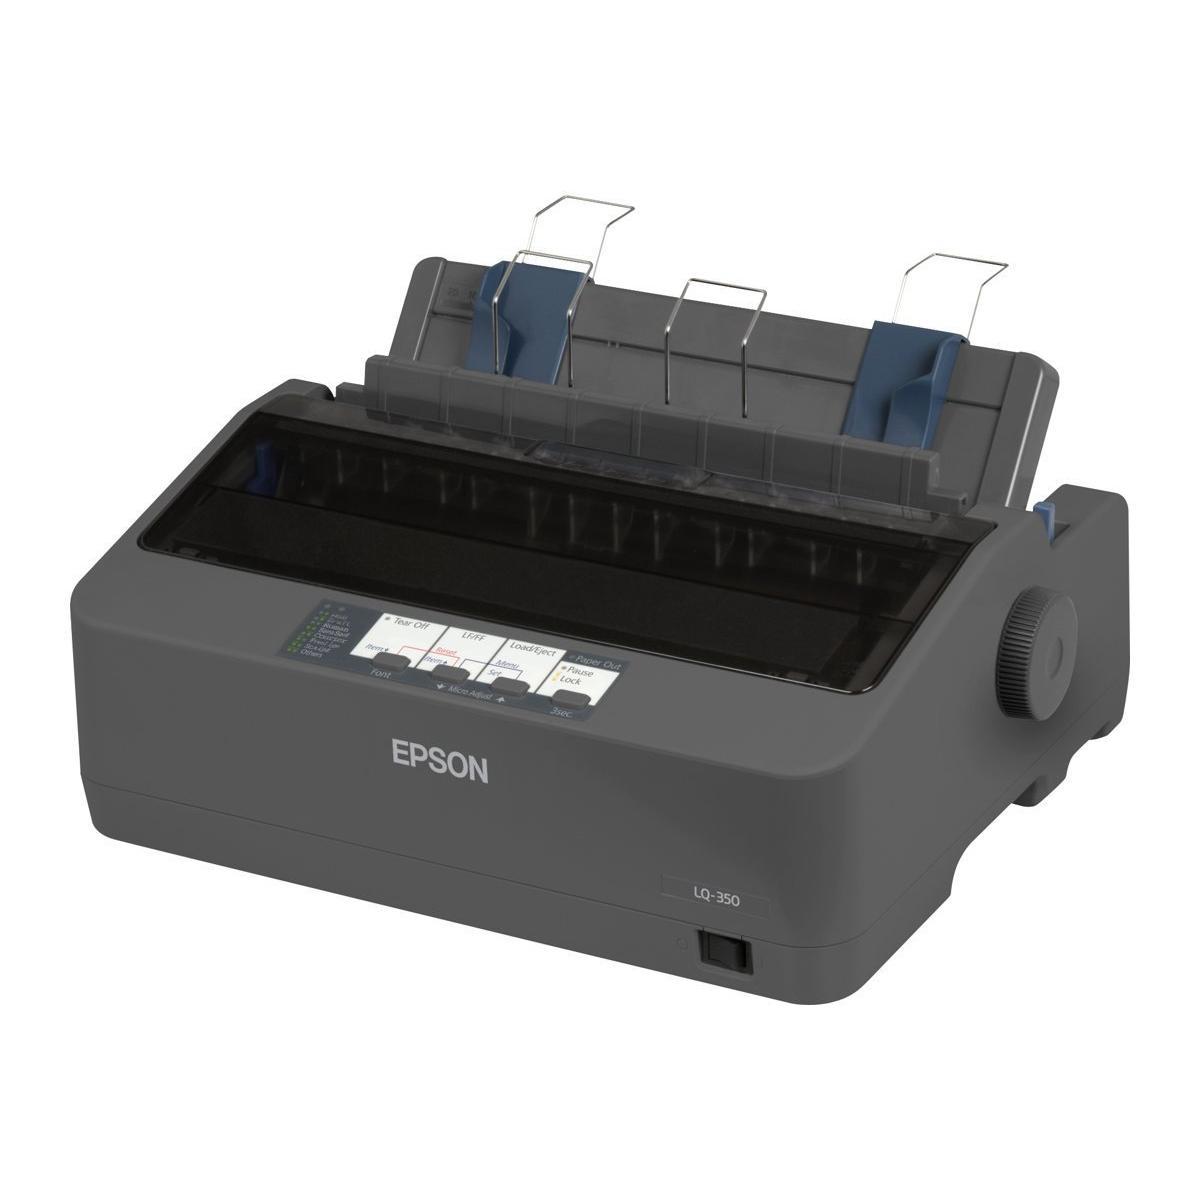 Epson LQ-350 Stampanti